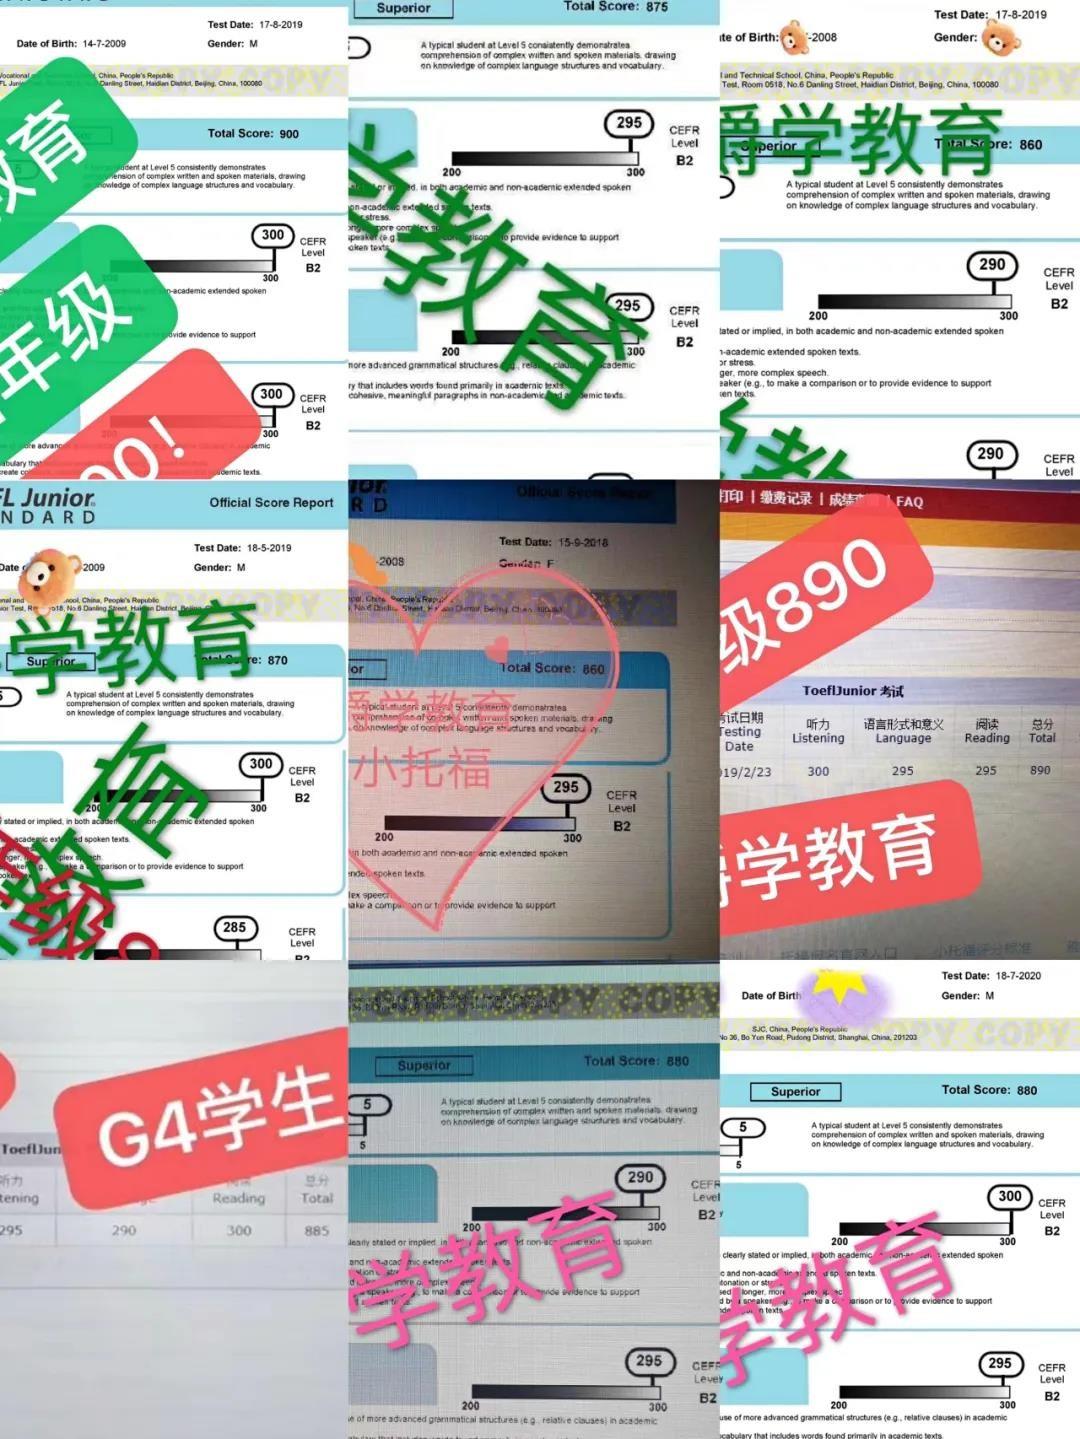 小托福均分875,上海竟然还有这样一家神奇机构--爵学教育